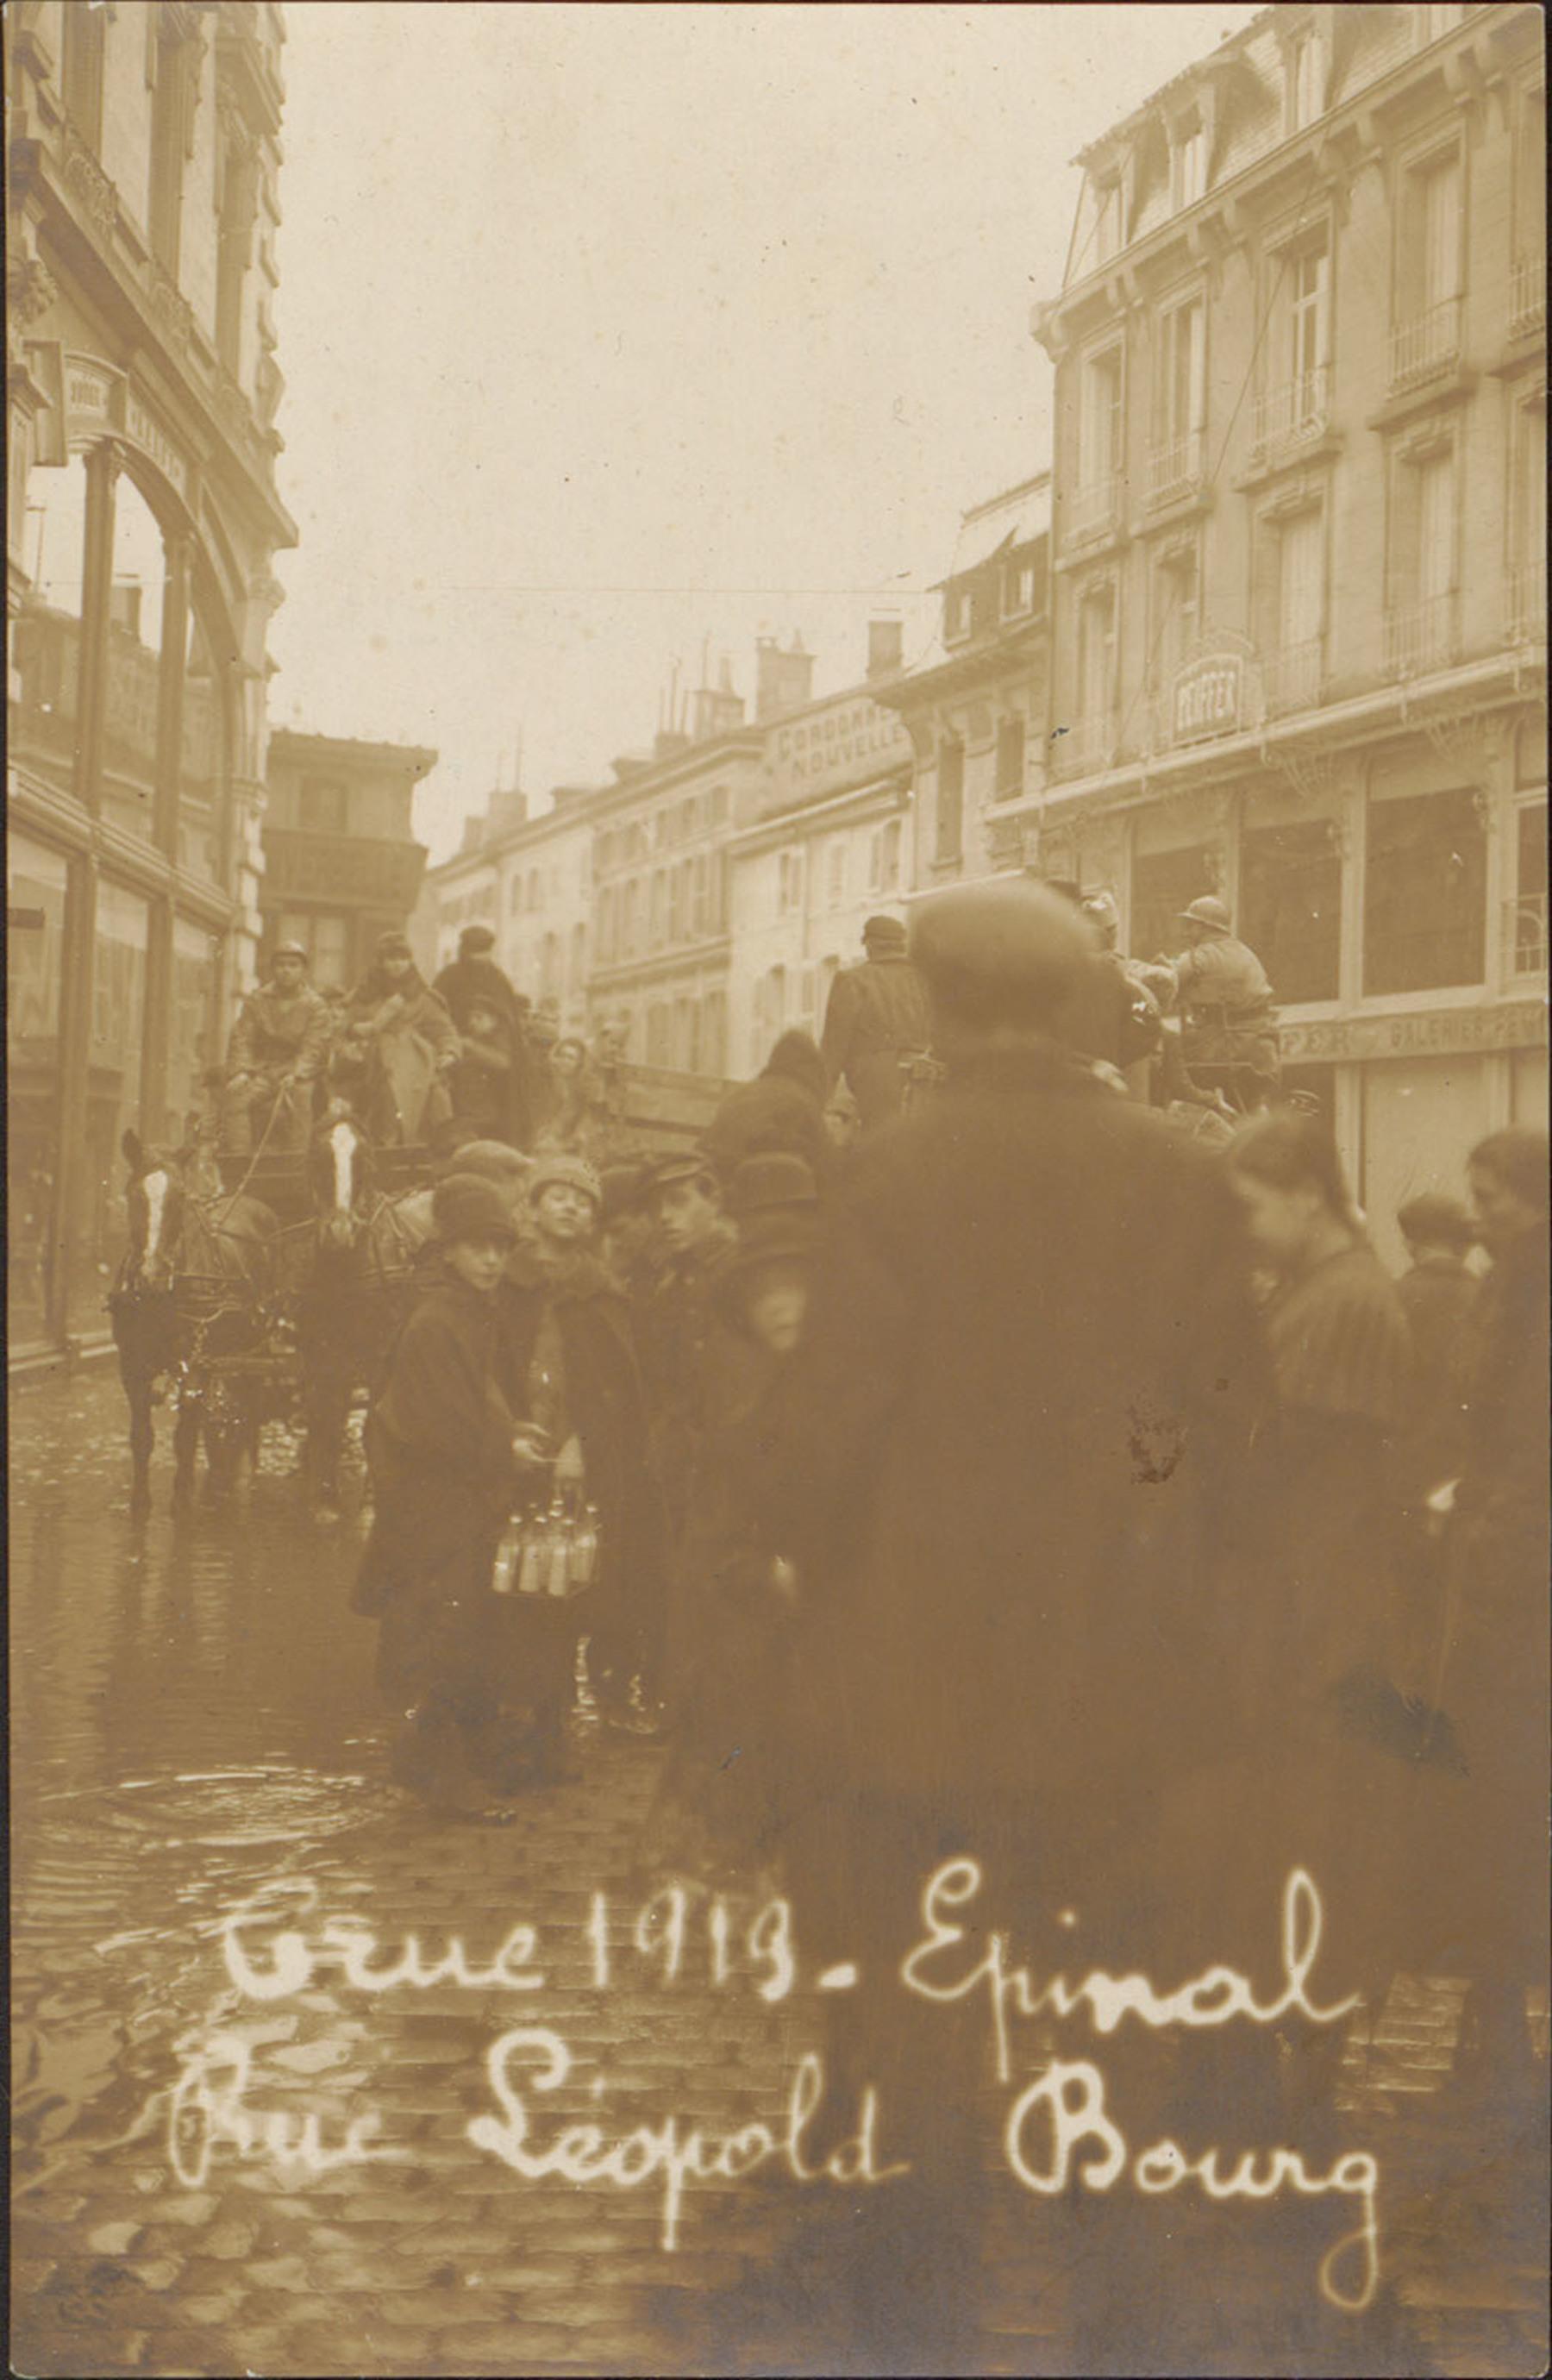 Contenu du Crue 1919, Épinal, Rue Léopold-Bourg